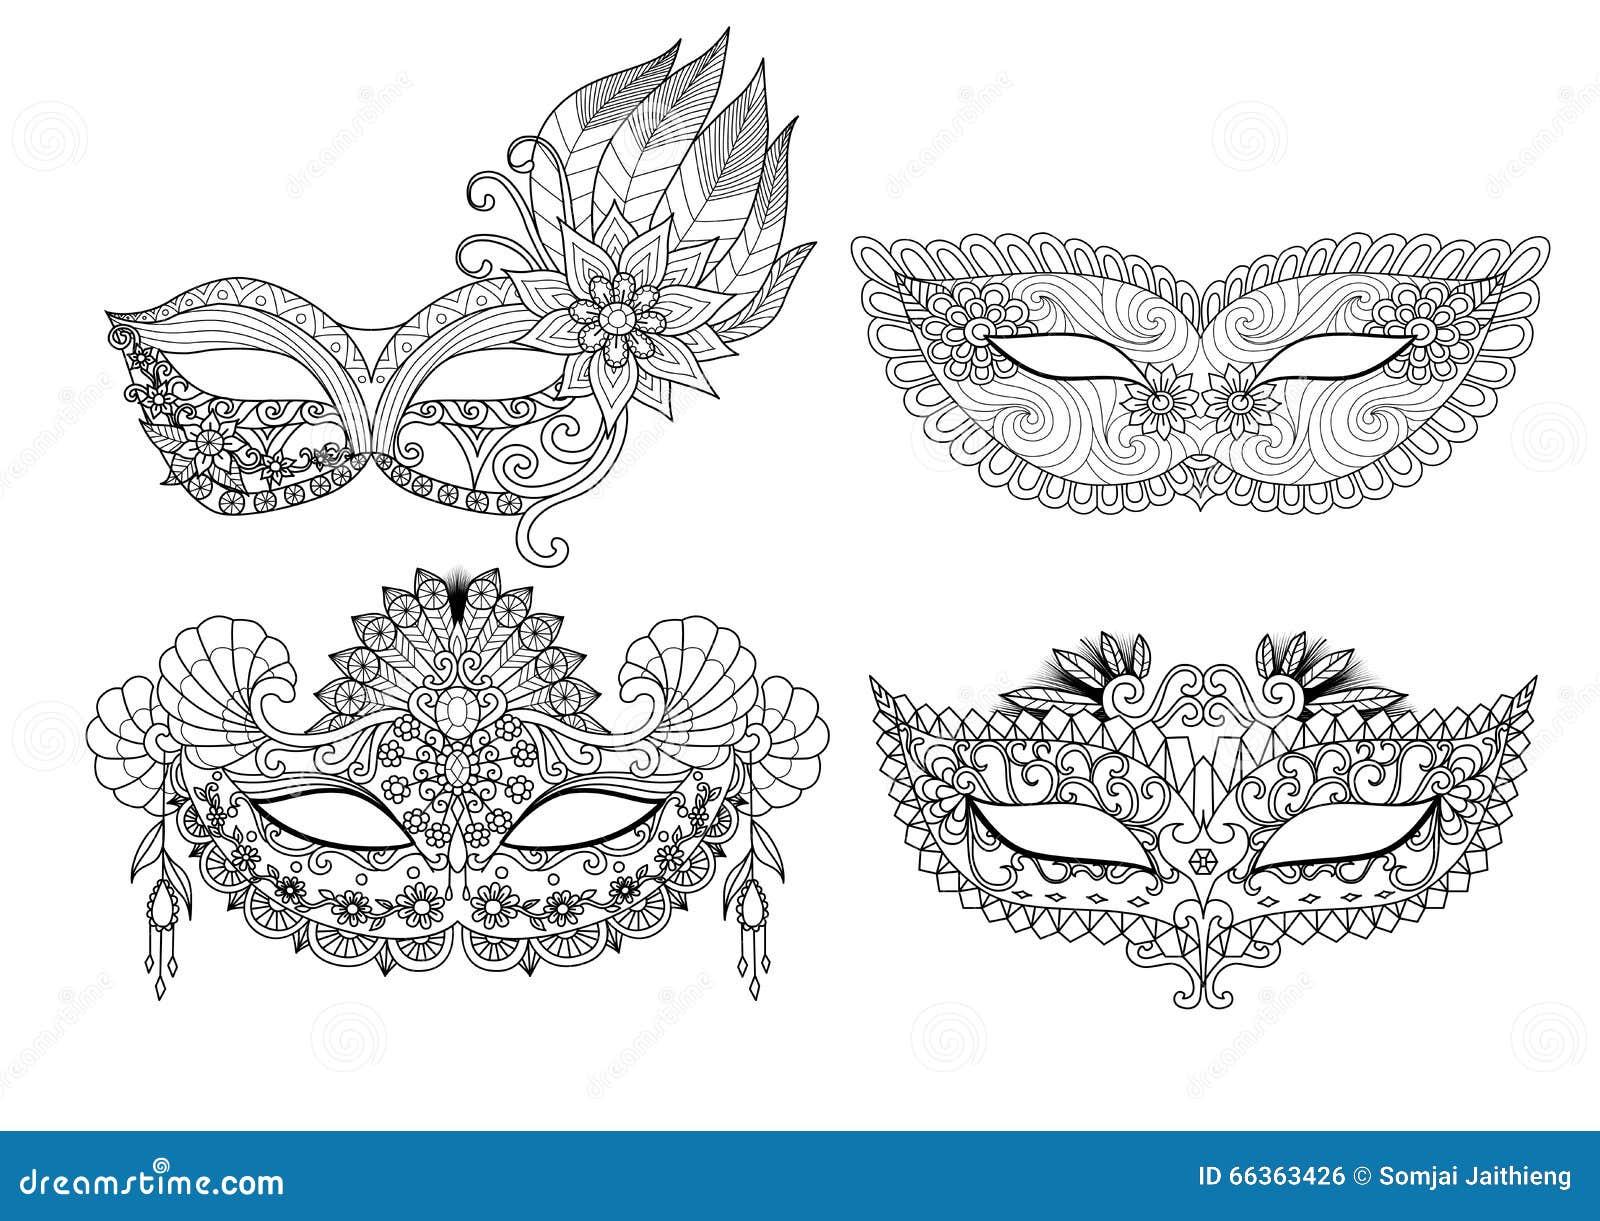 Conceptions de masque de carnaval pour livre de coloriage - Dessin de masque de carnaval ...